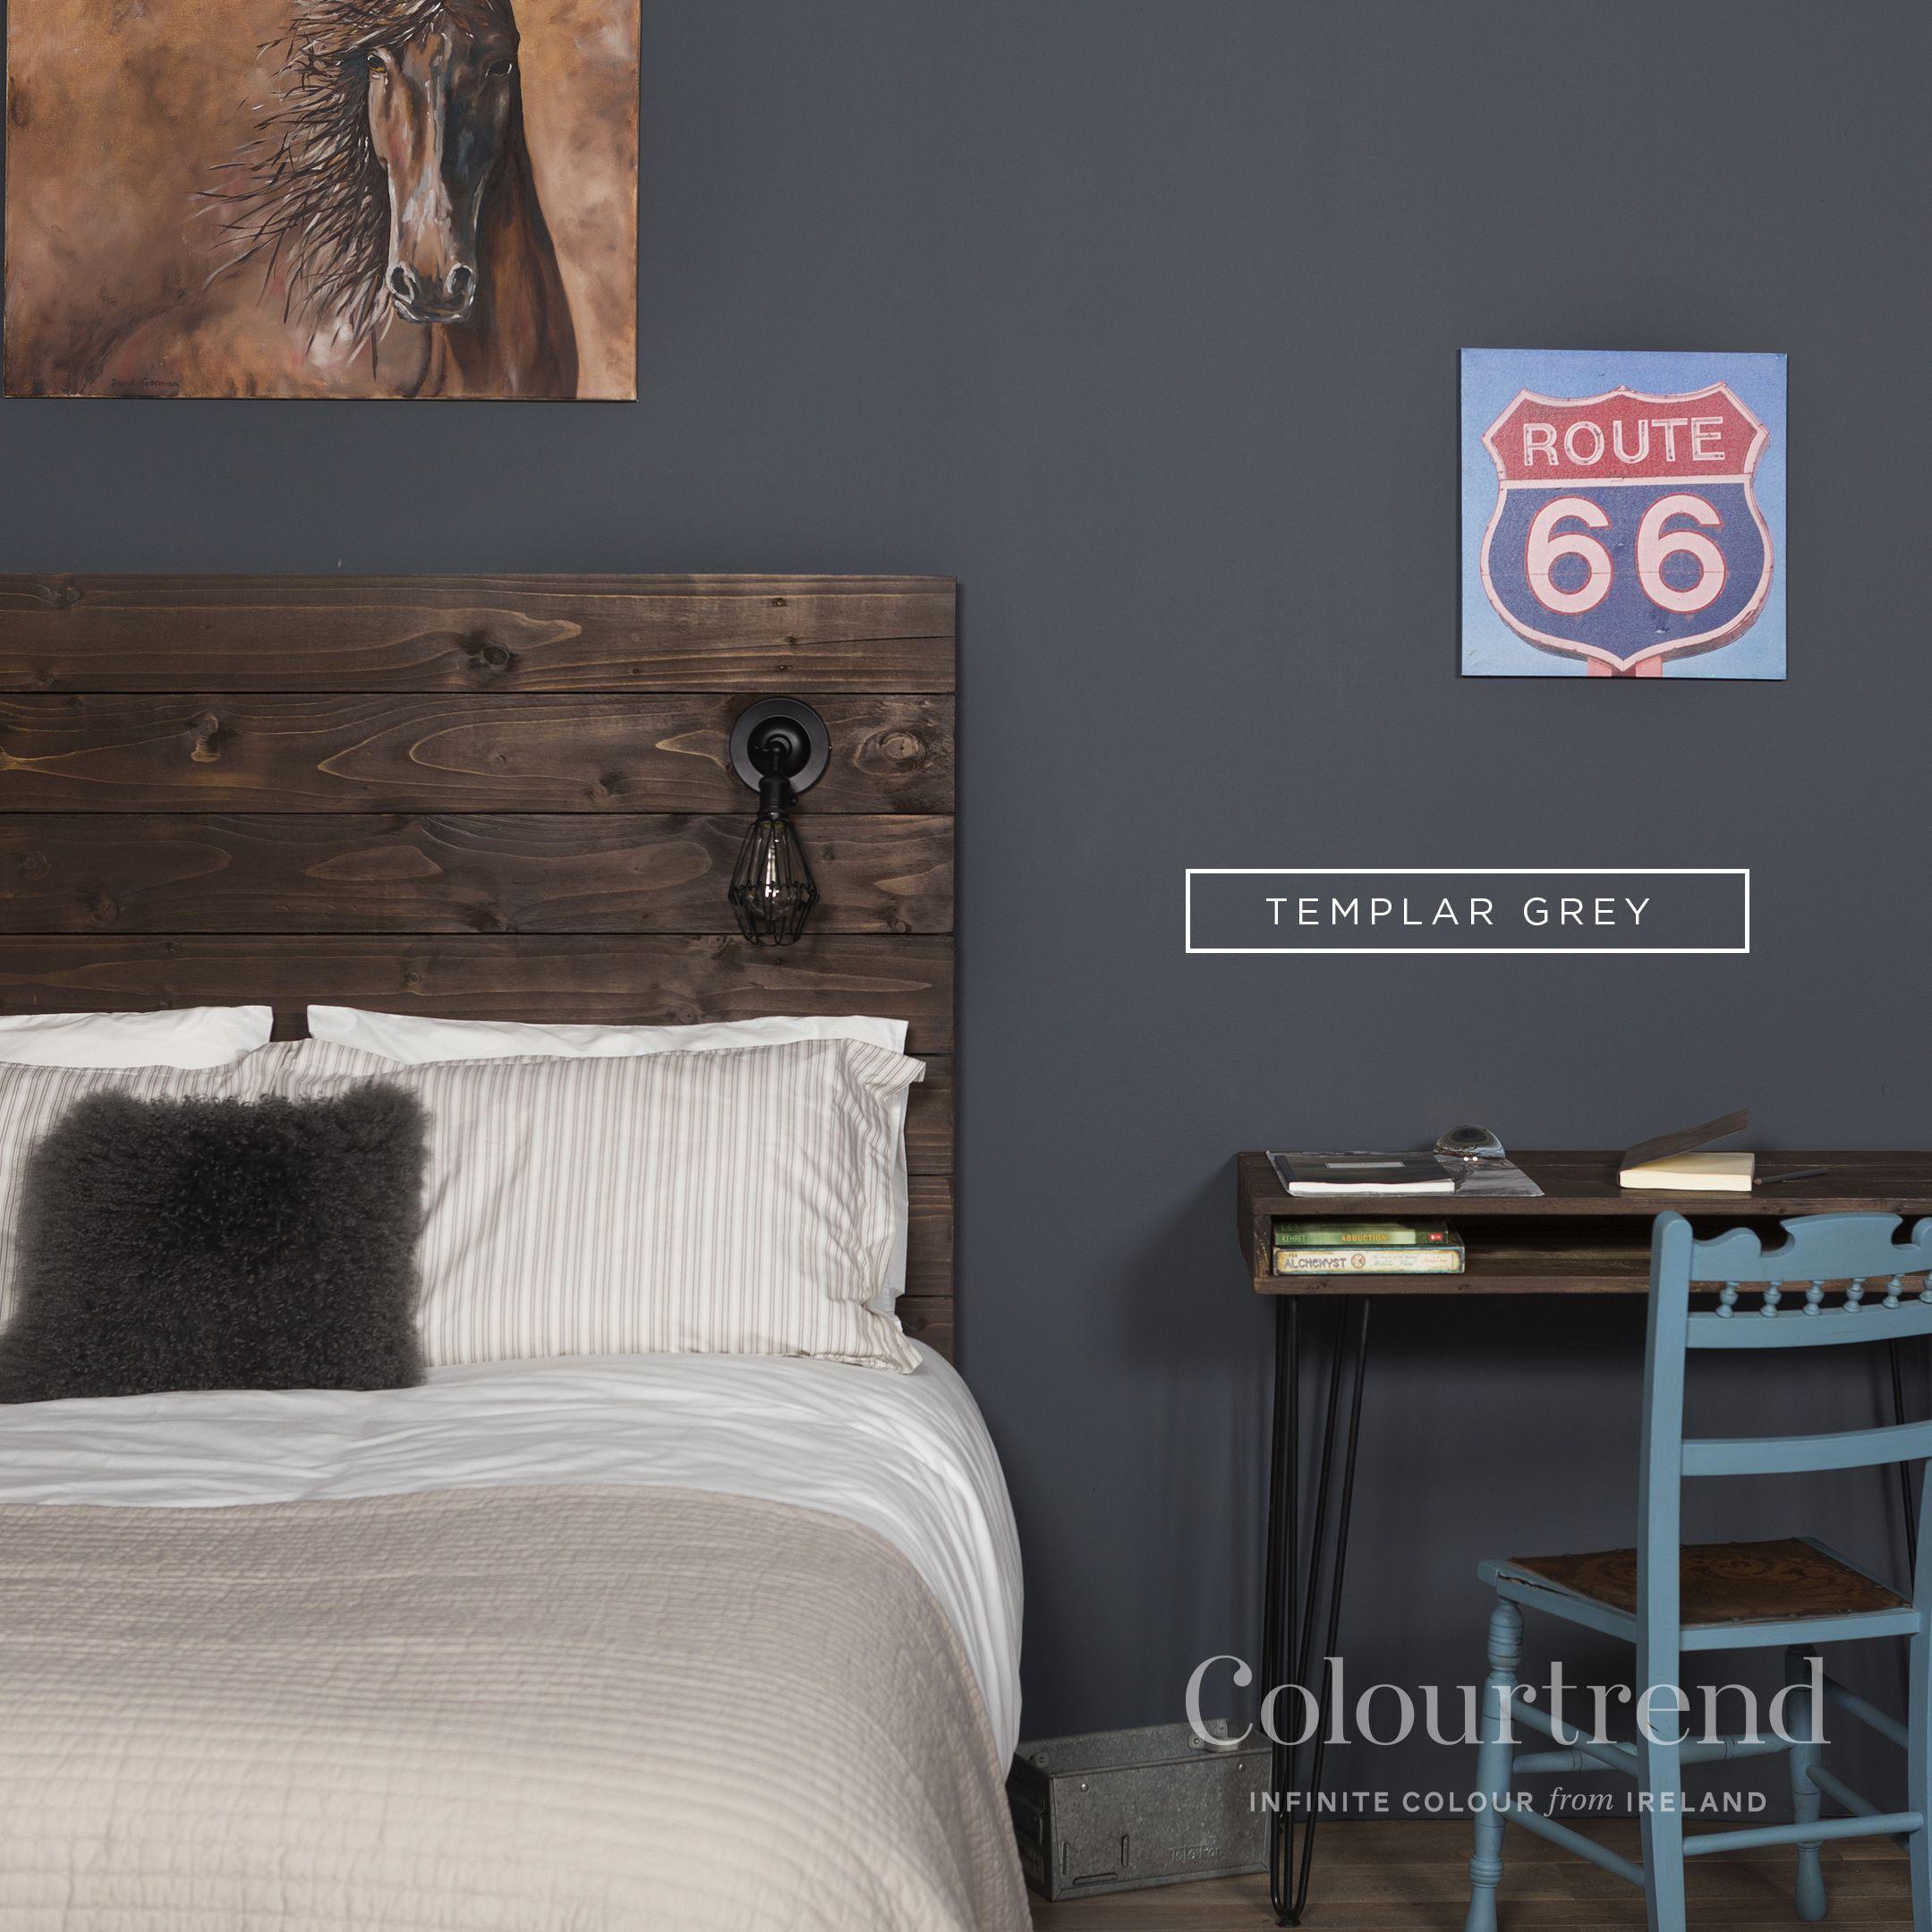 Home Paint Color Inspiration Colourtrend Paint Colorful Interiors